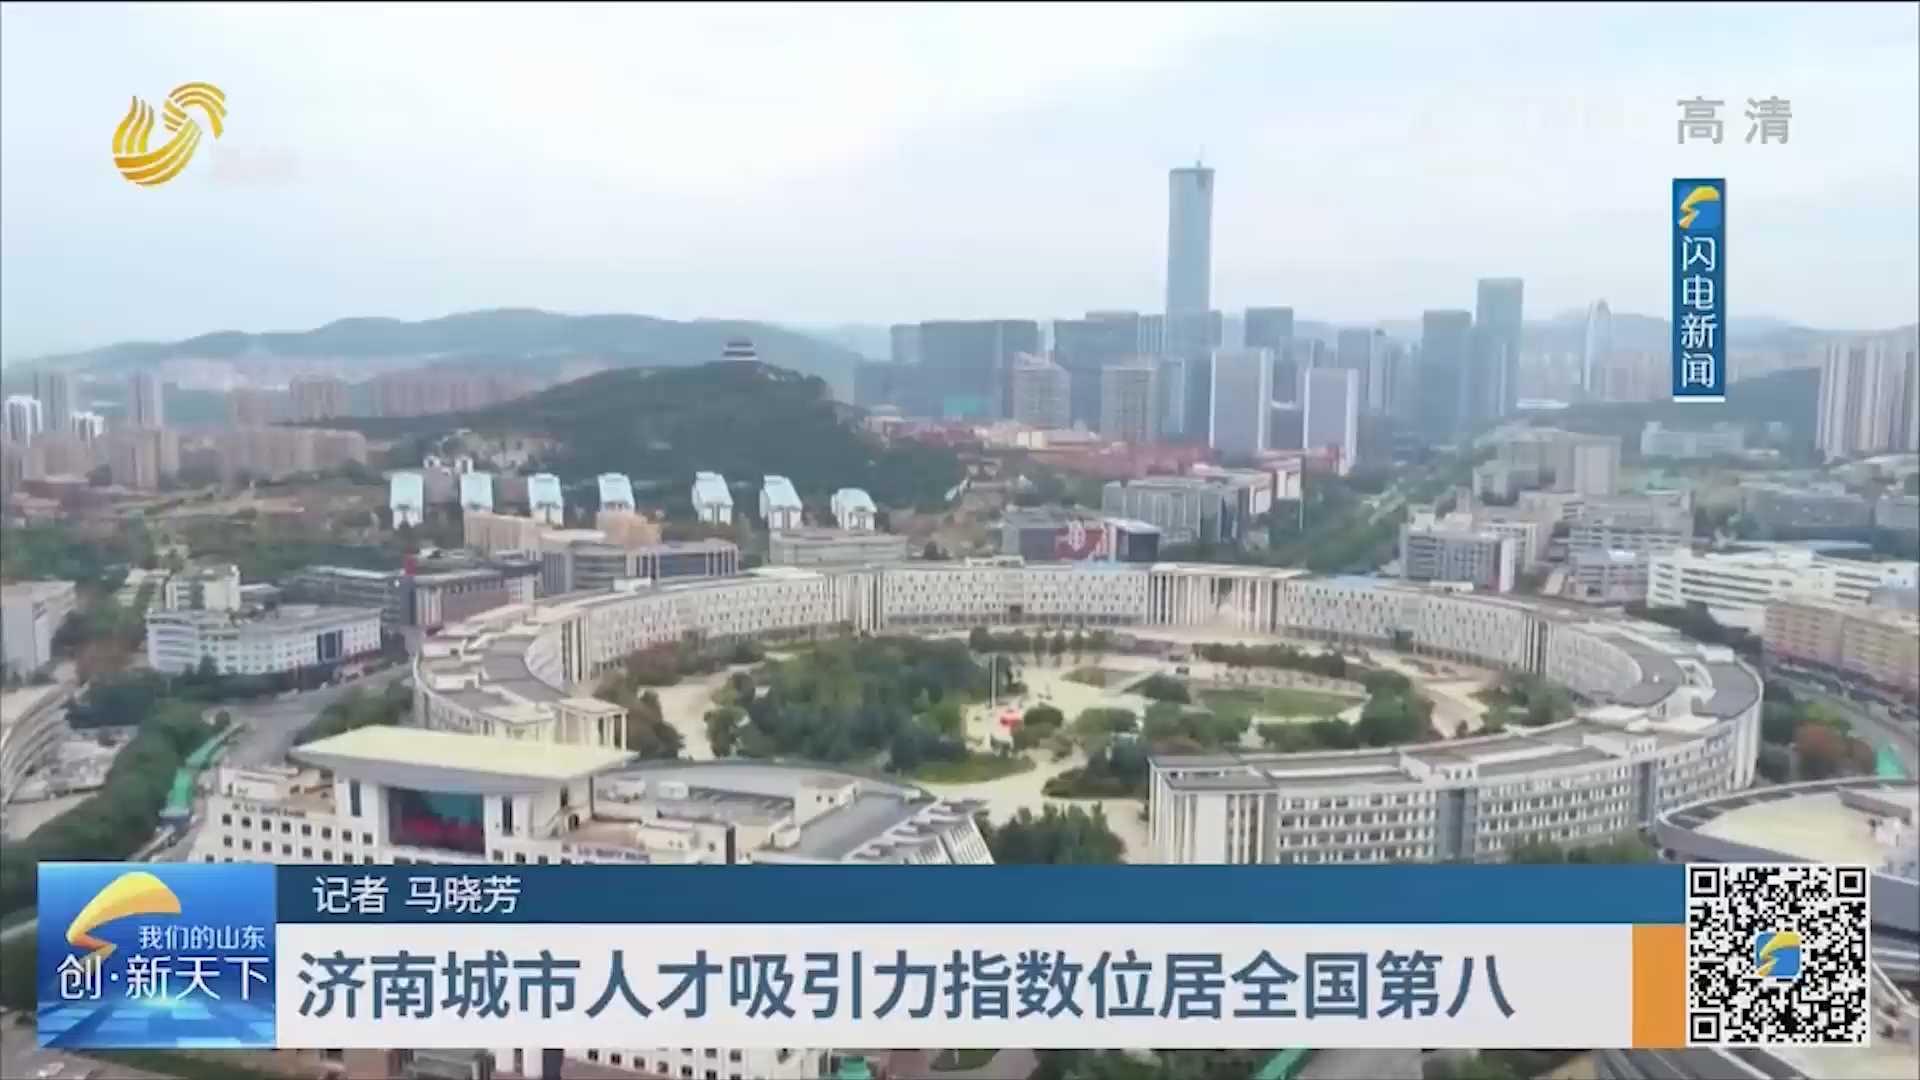 济南城市人才吸引力指数位居全国第八